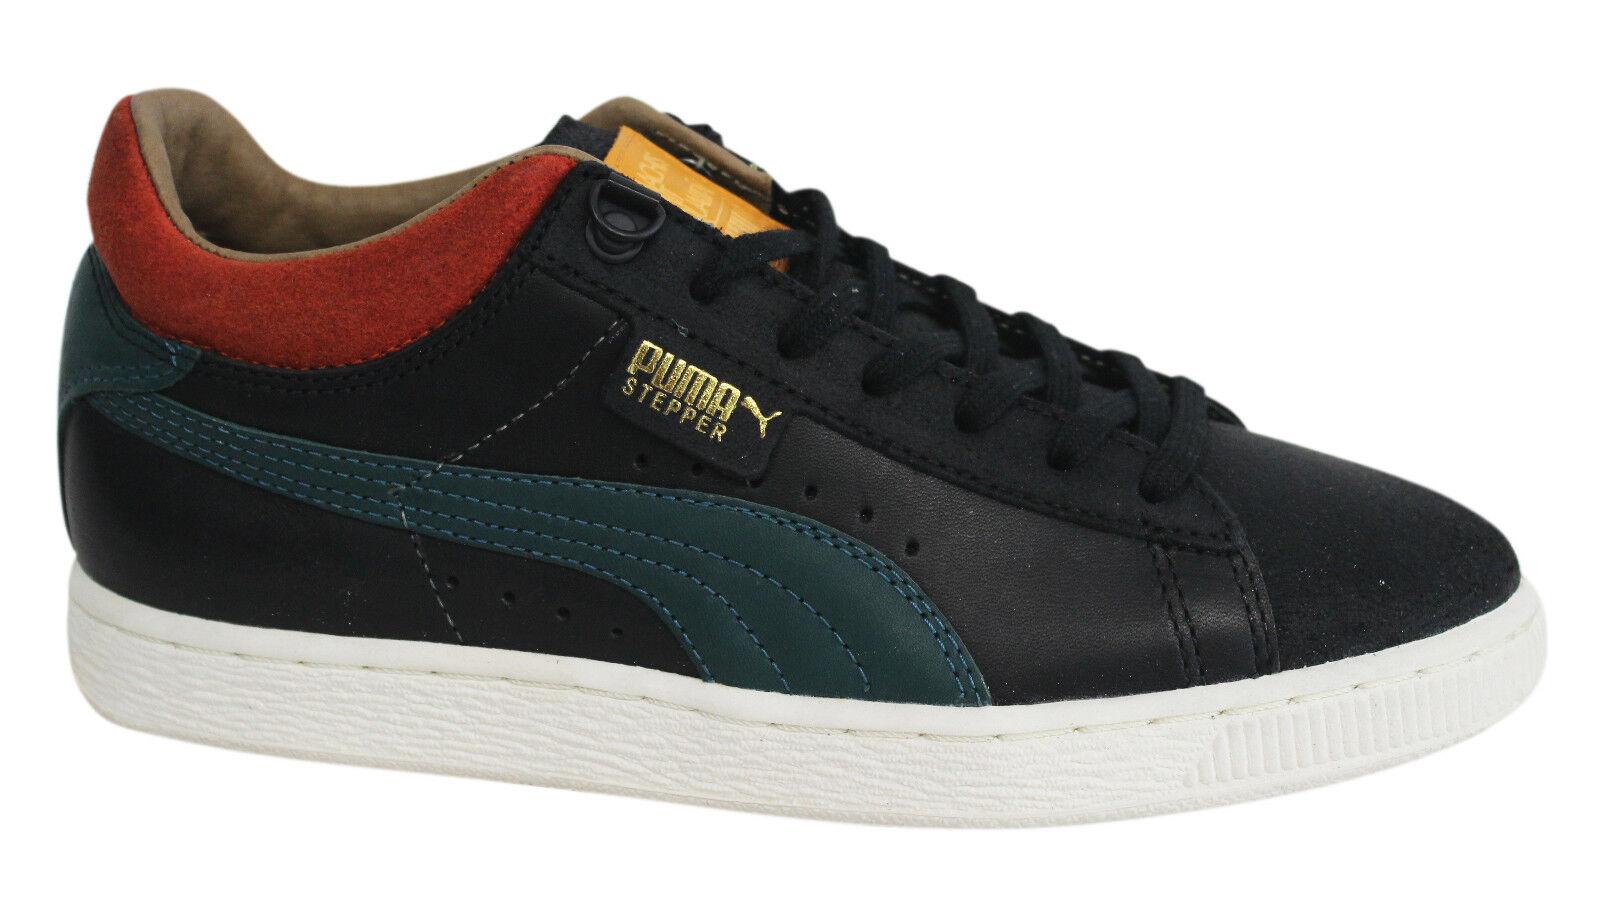 Puma Cesto MMQ Negro Con Cordones Cuero Textil Zapatillas Hombre 355550 01 U107 The latest discount shoes for men and women